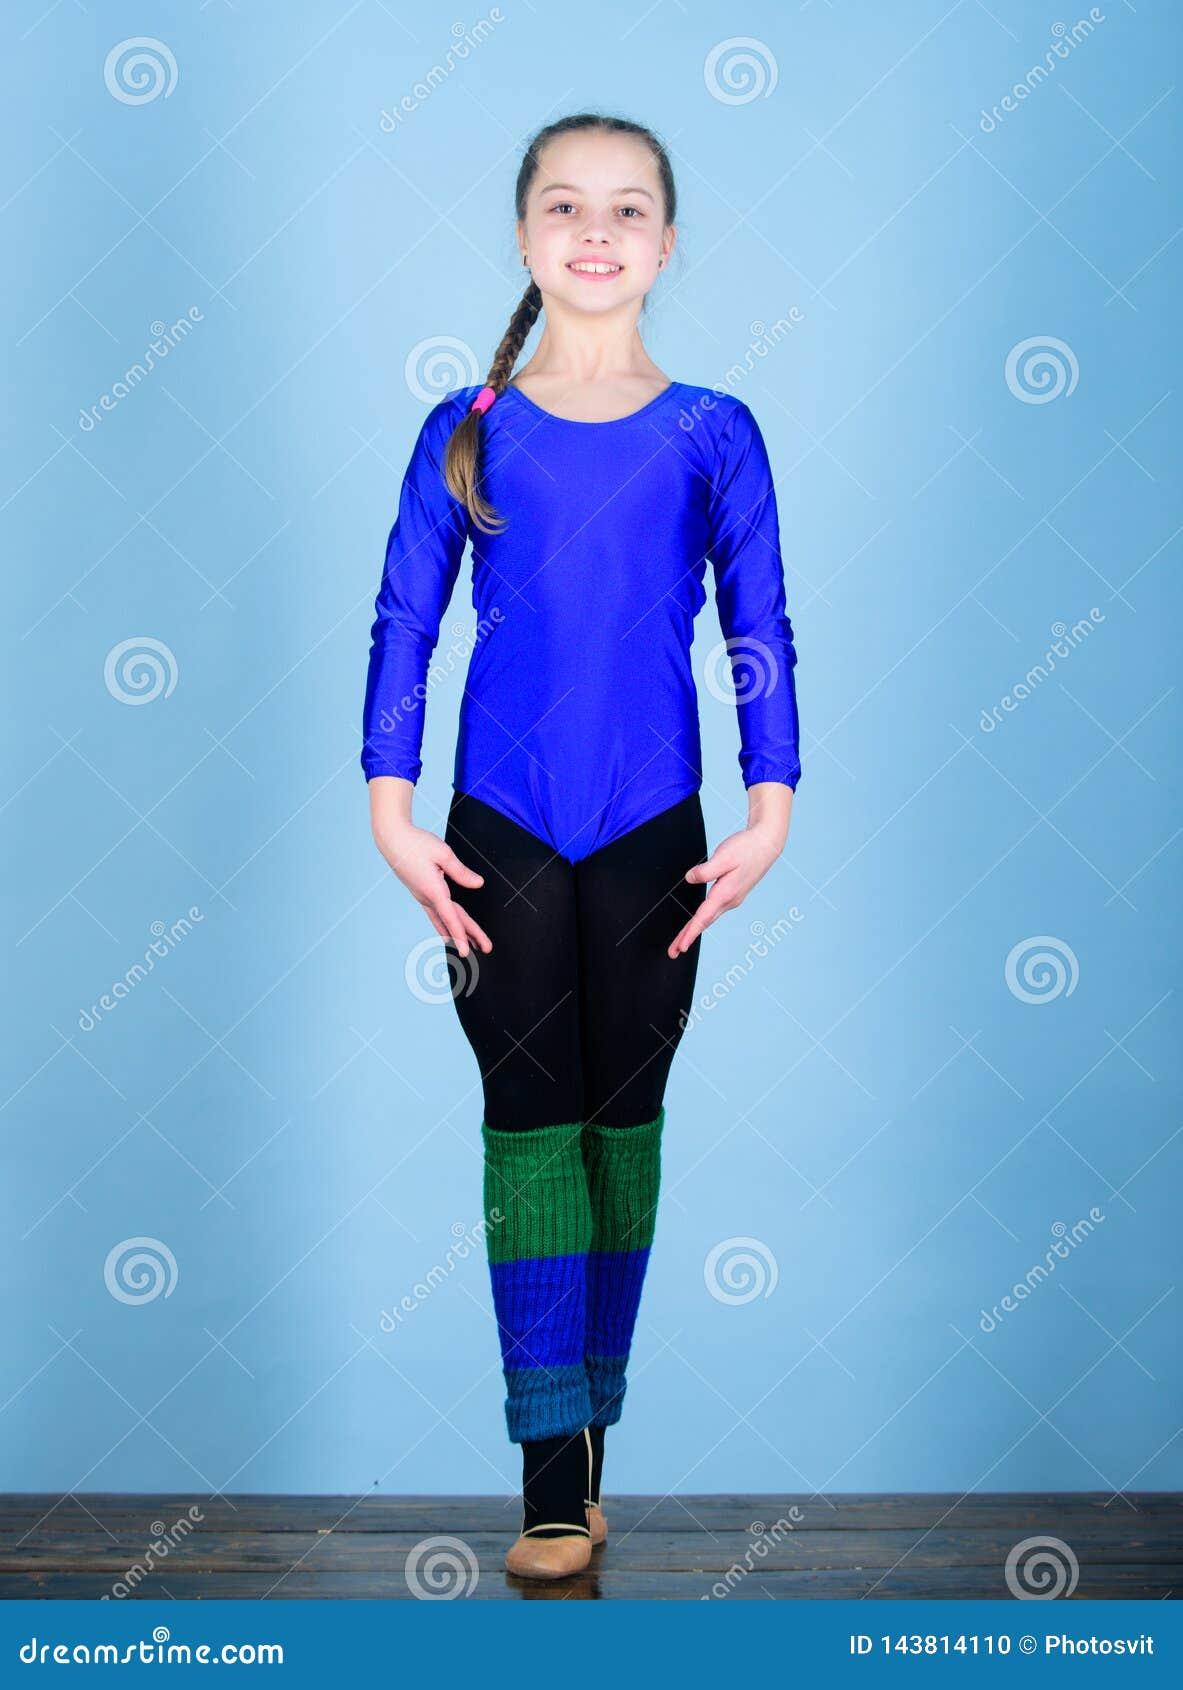 Esporte e saúde Ilustração do bailado dancer gymnastics Desportista feliz da criança Dieta da aptidão Energia Exercício do gym da